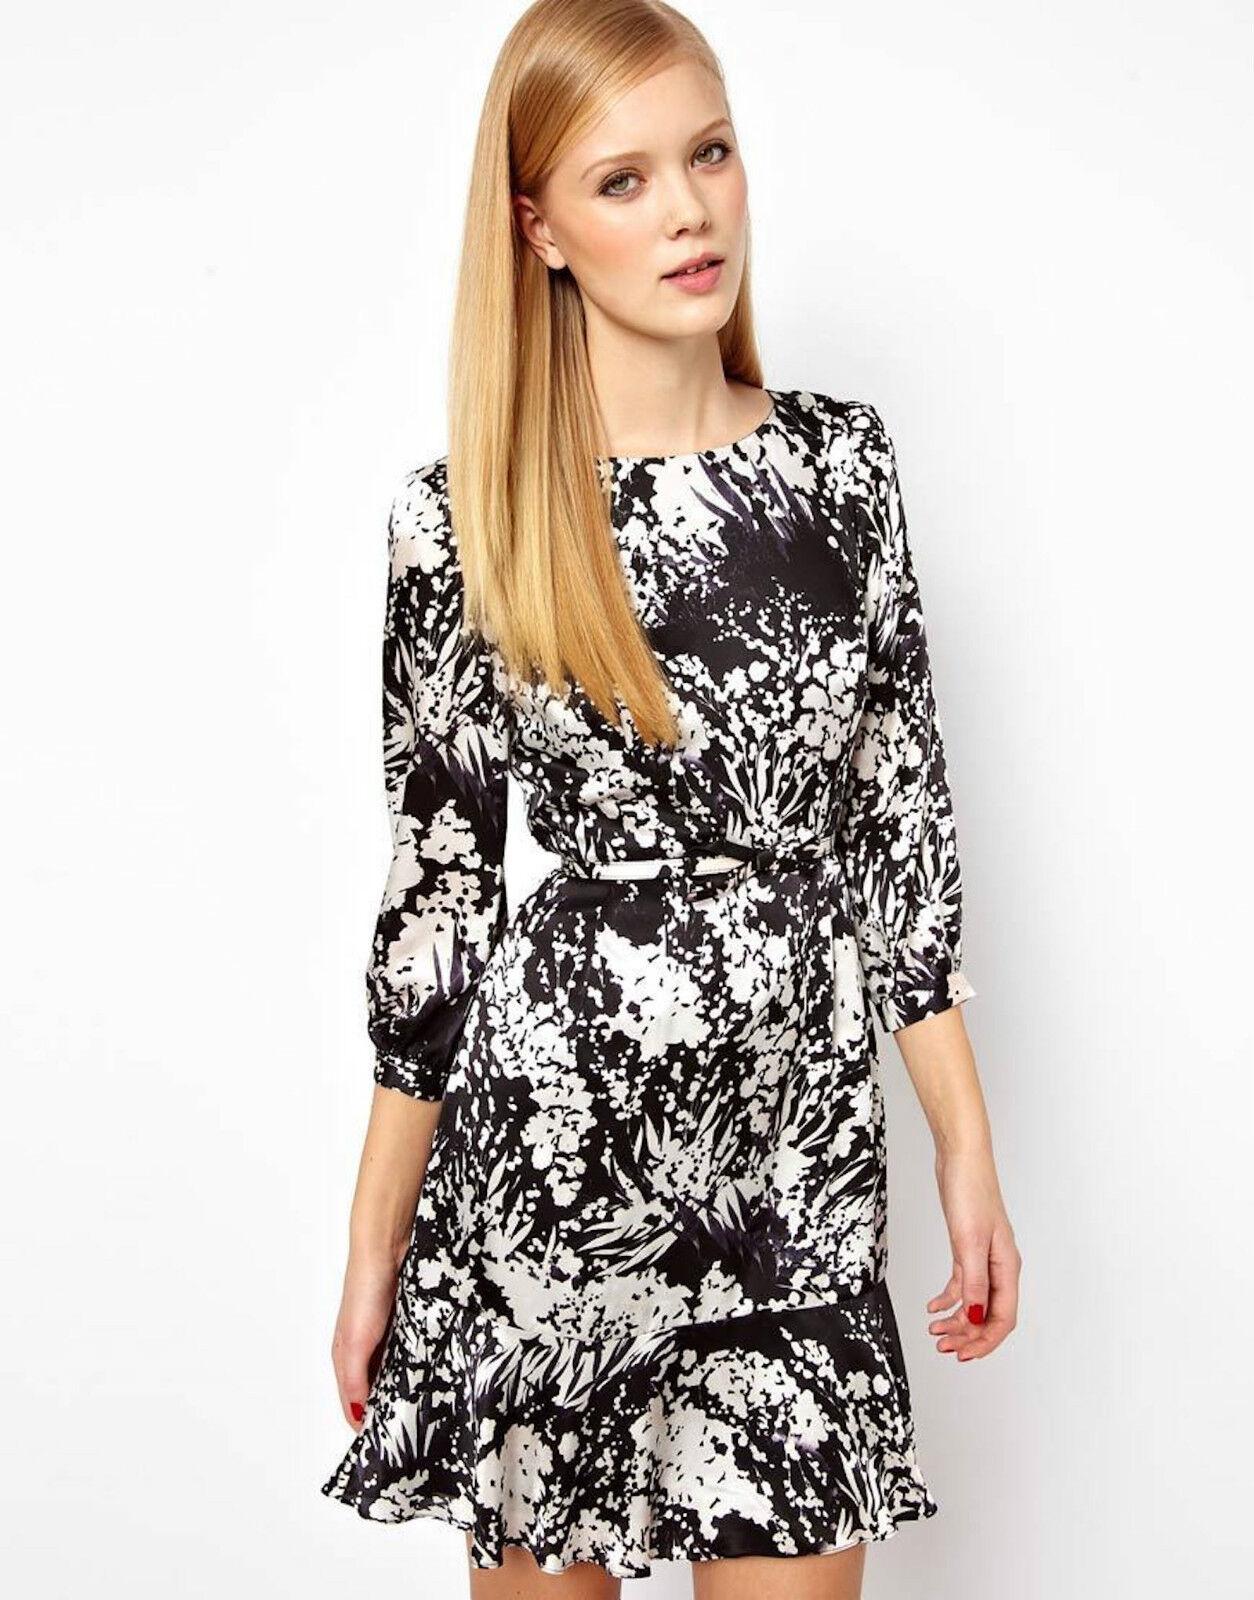 KAREN MILLEN Fluid Print Bow Belted Dress schwarz Weiß UK Größe 14 cocktail party